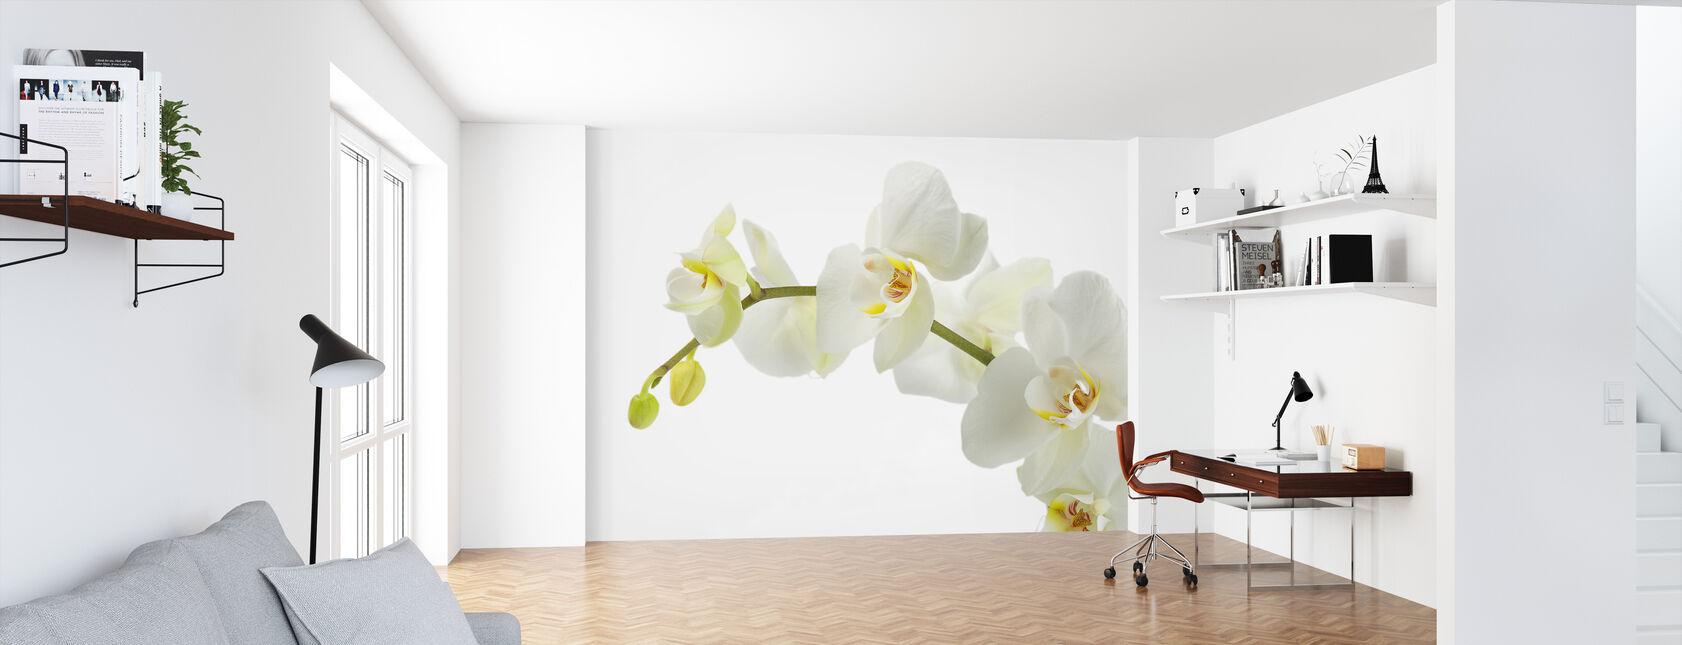 Zachte witte orchidee stengel - Behang - Kantoor